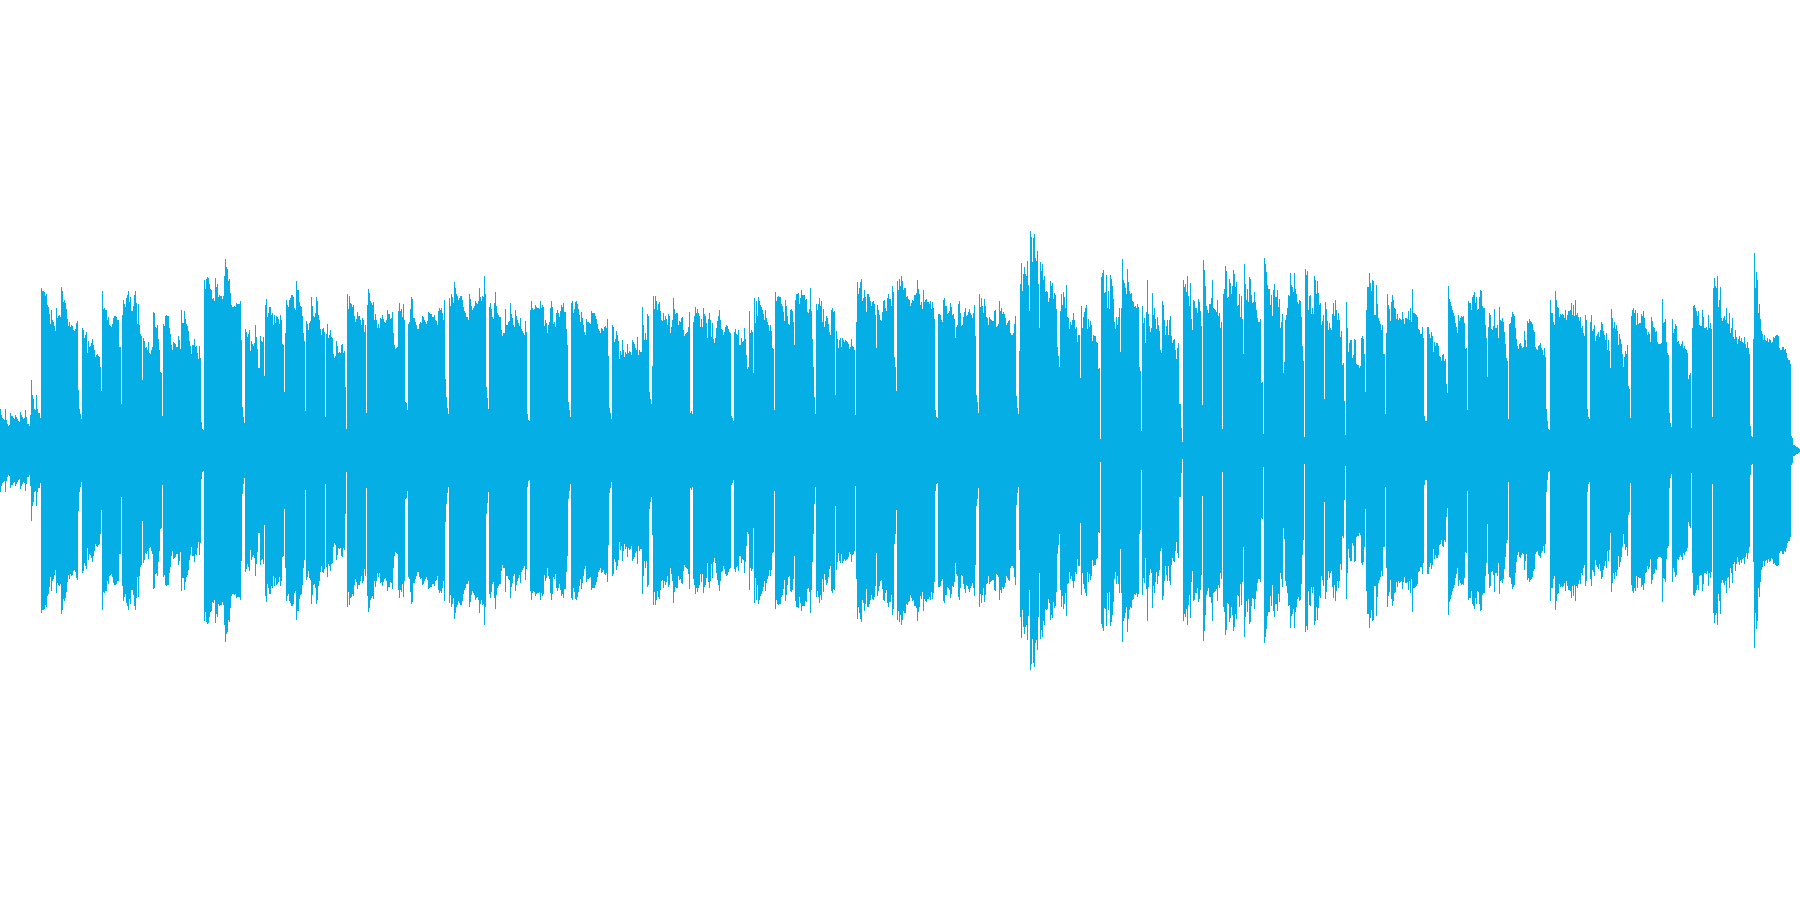 ほのぼのとしたオカリナの曲の再生済みの波形